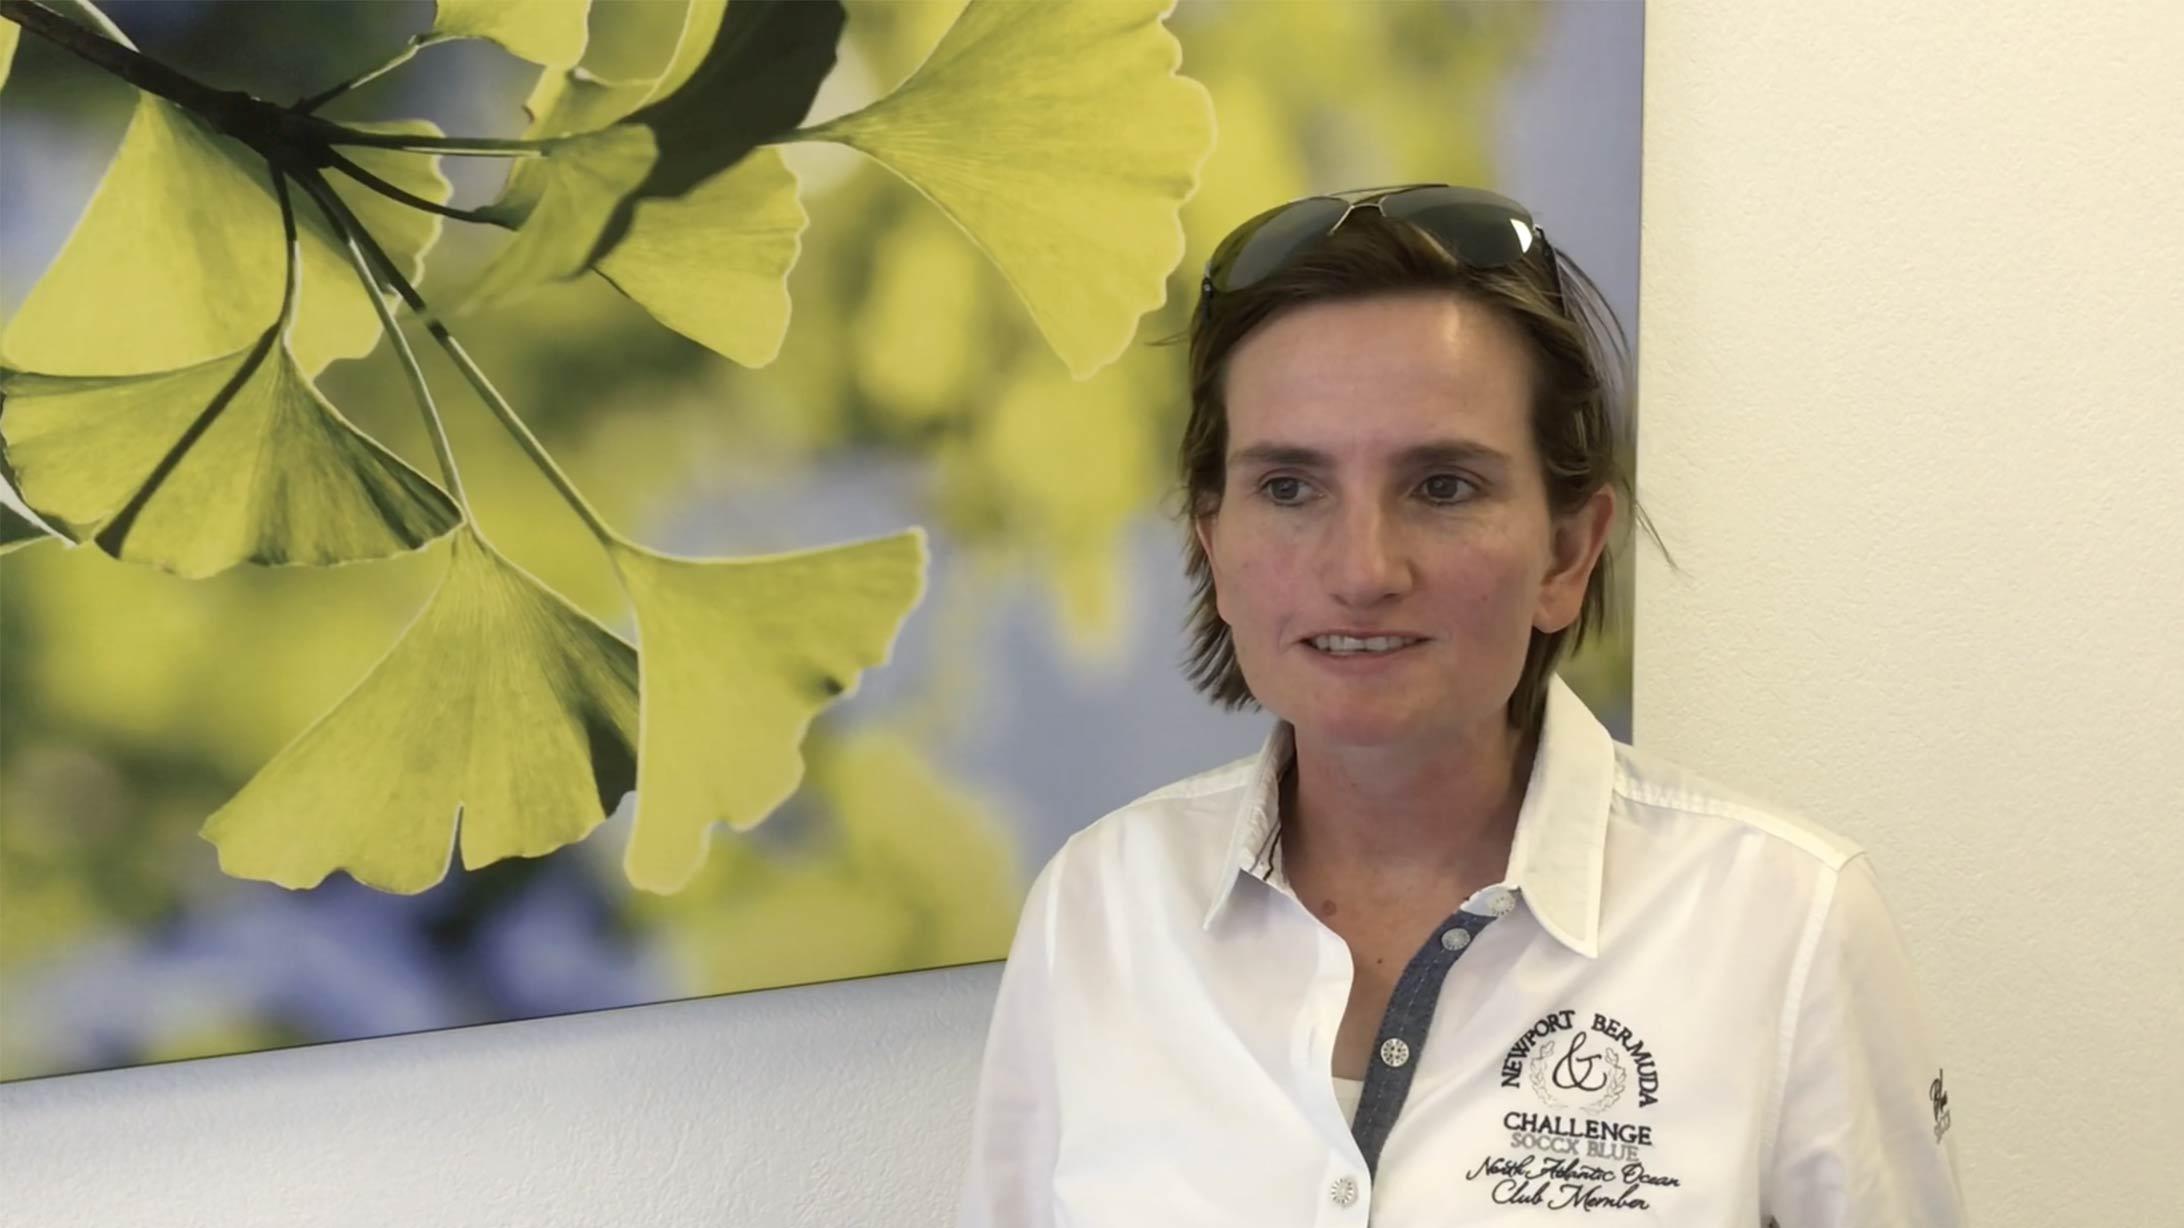 Patientin Stefanie J. wurde mit einer Radiojodtherapie behandelt